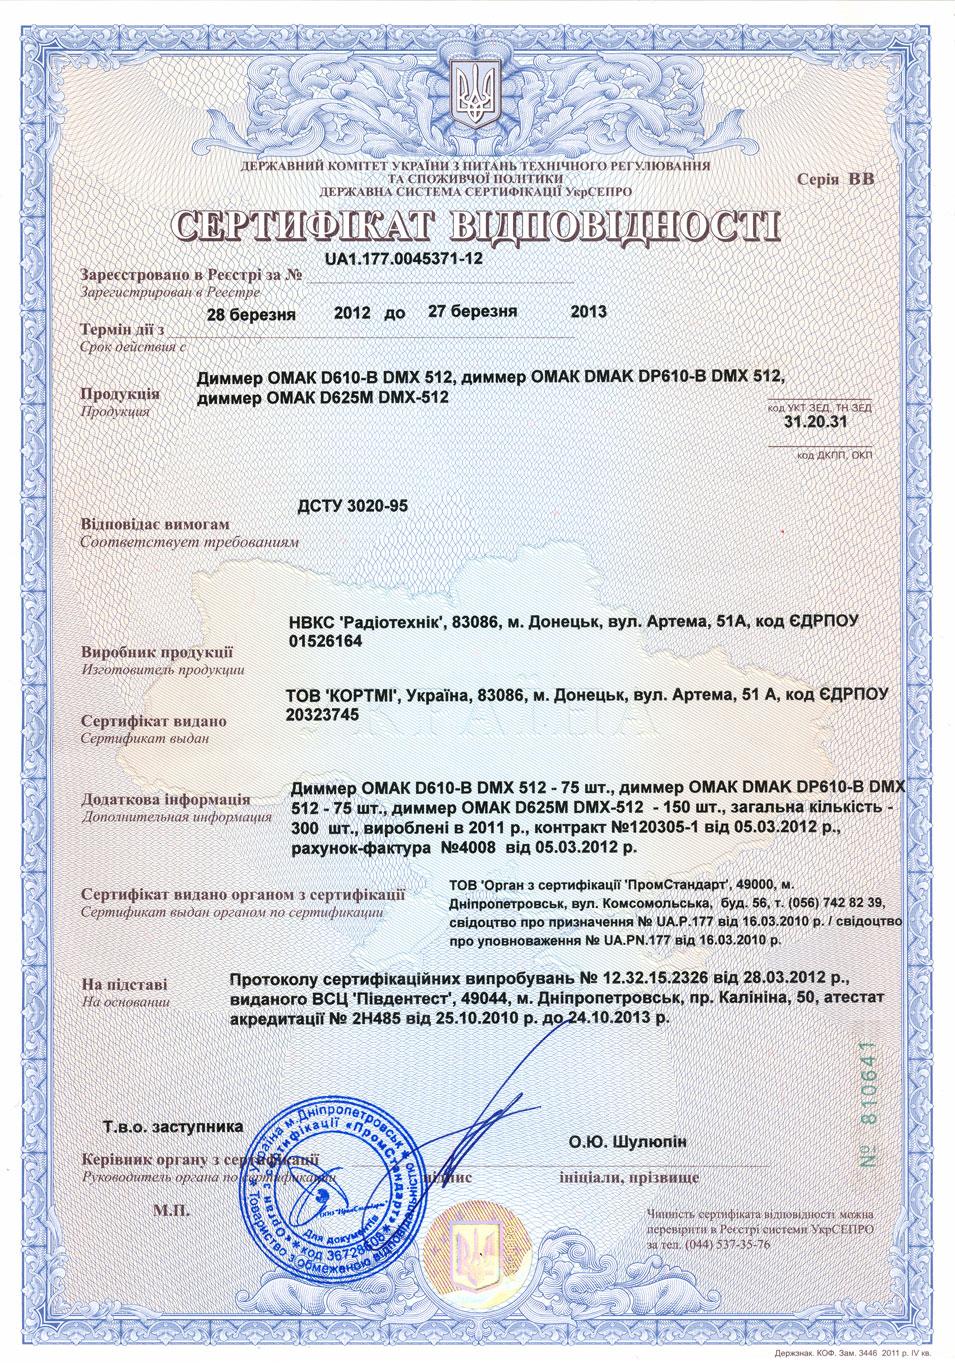 Сертификат соответствия на диммерные блоки торговой марки ОМАК